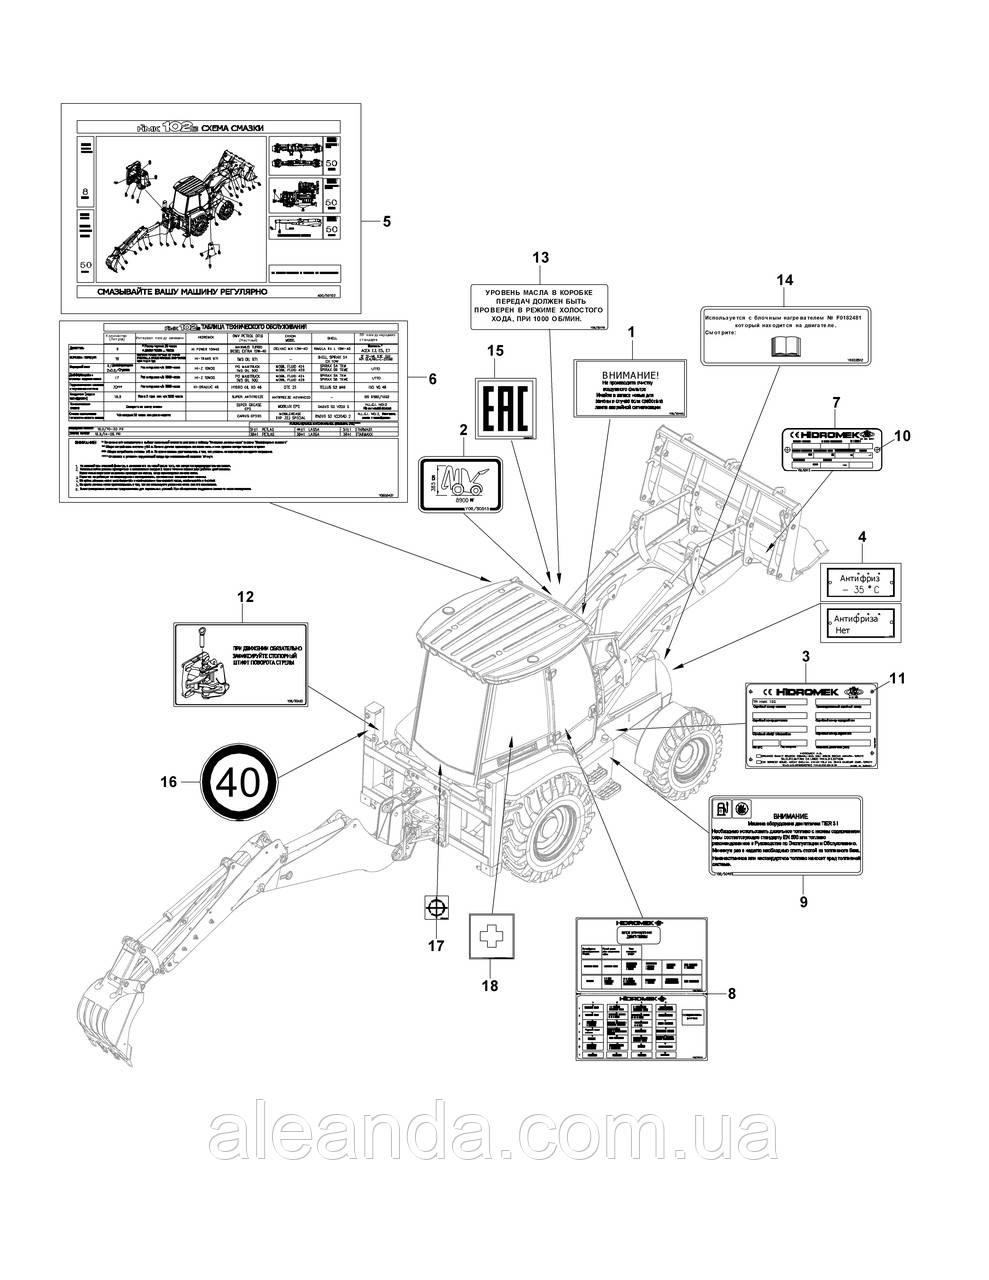 S4700298 підлокітник лправий Hidromek